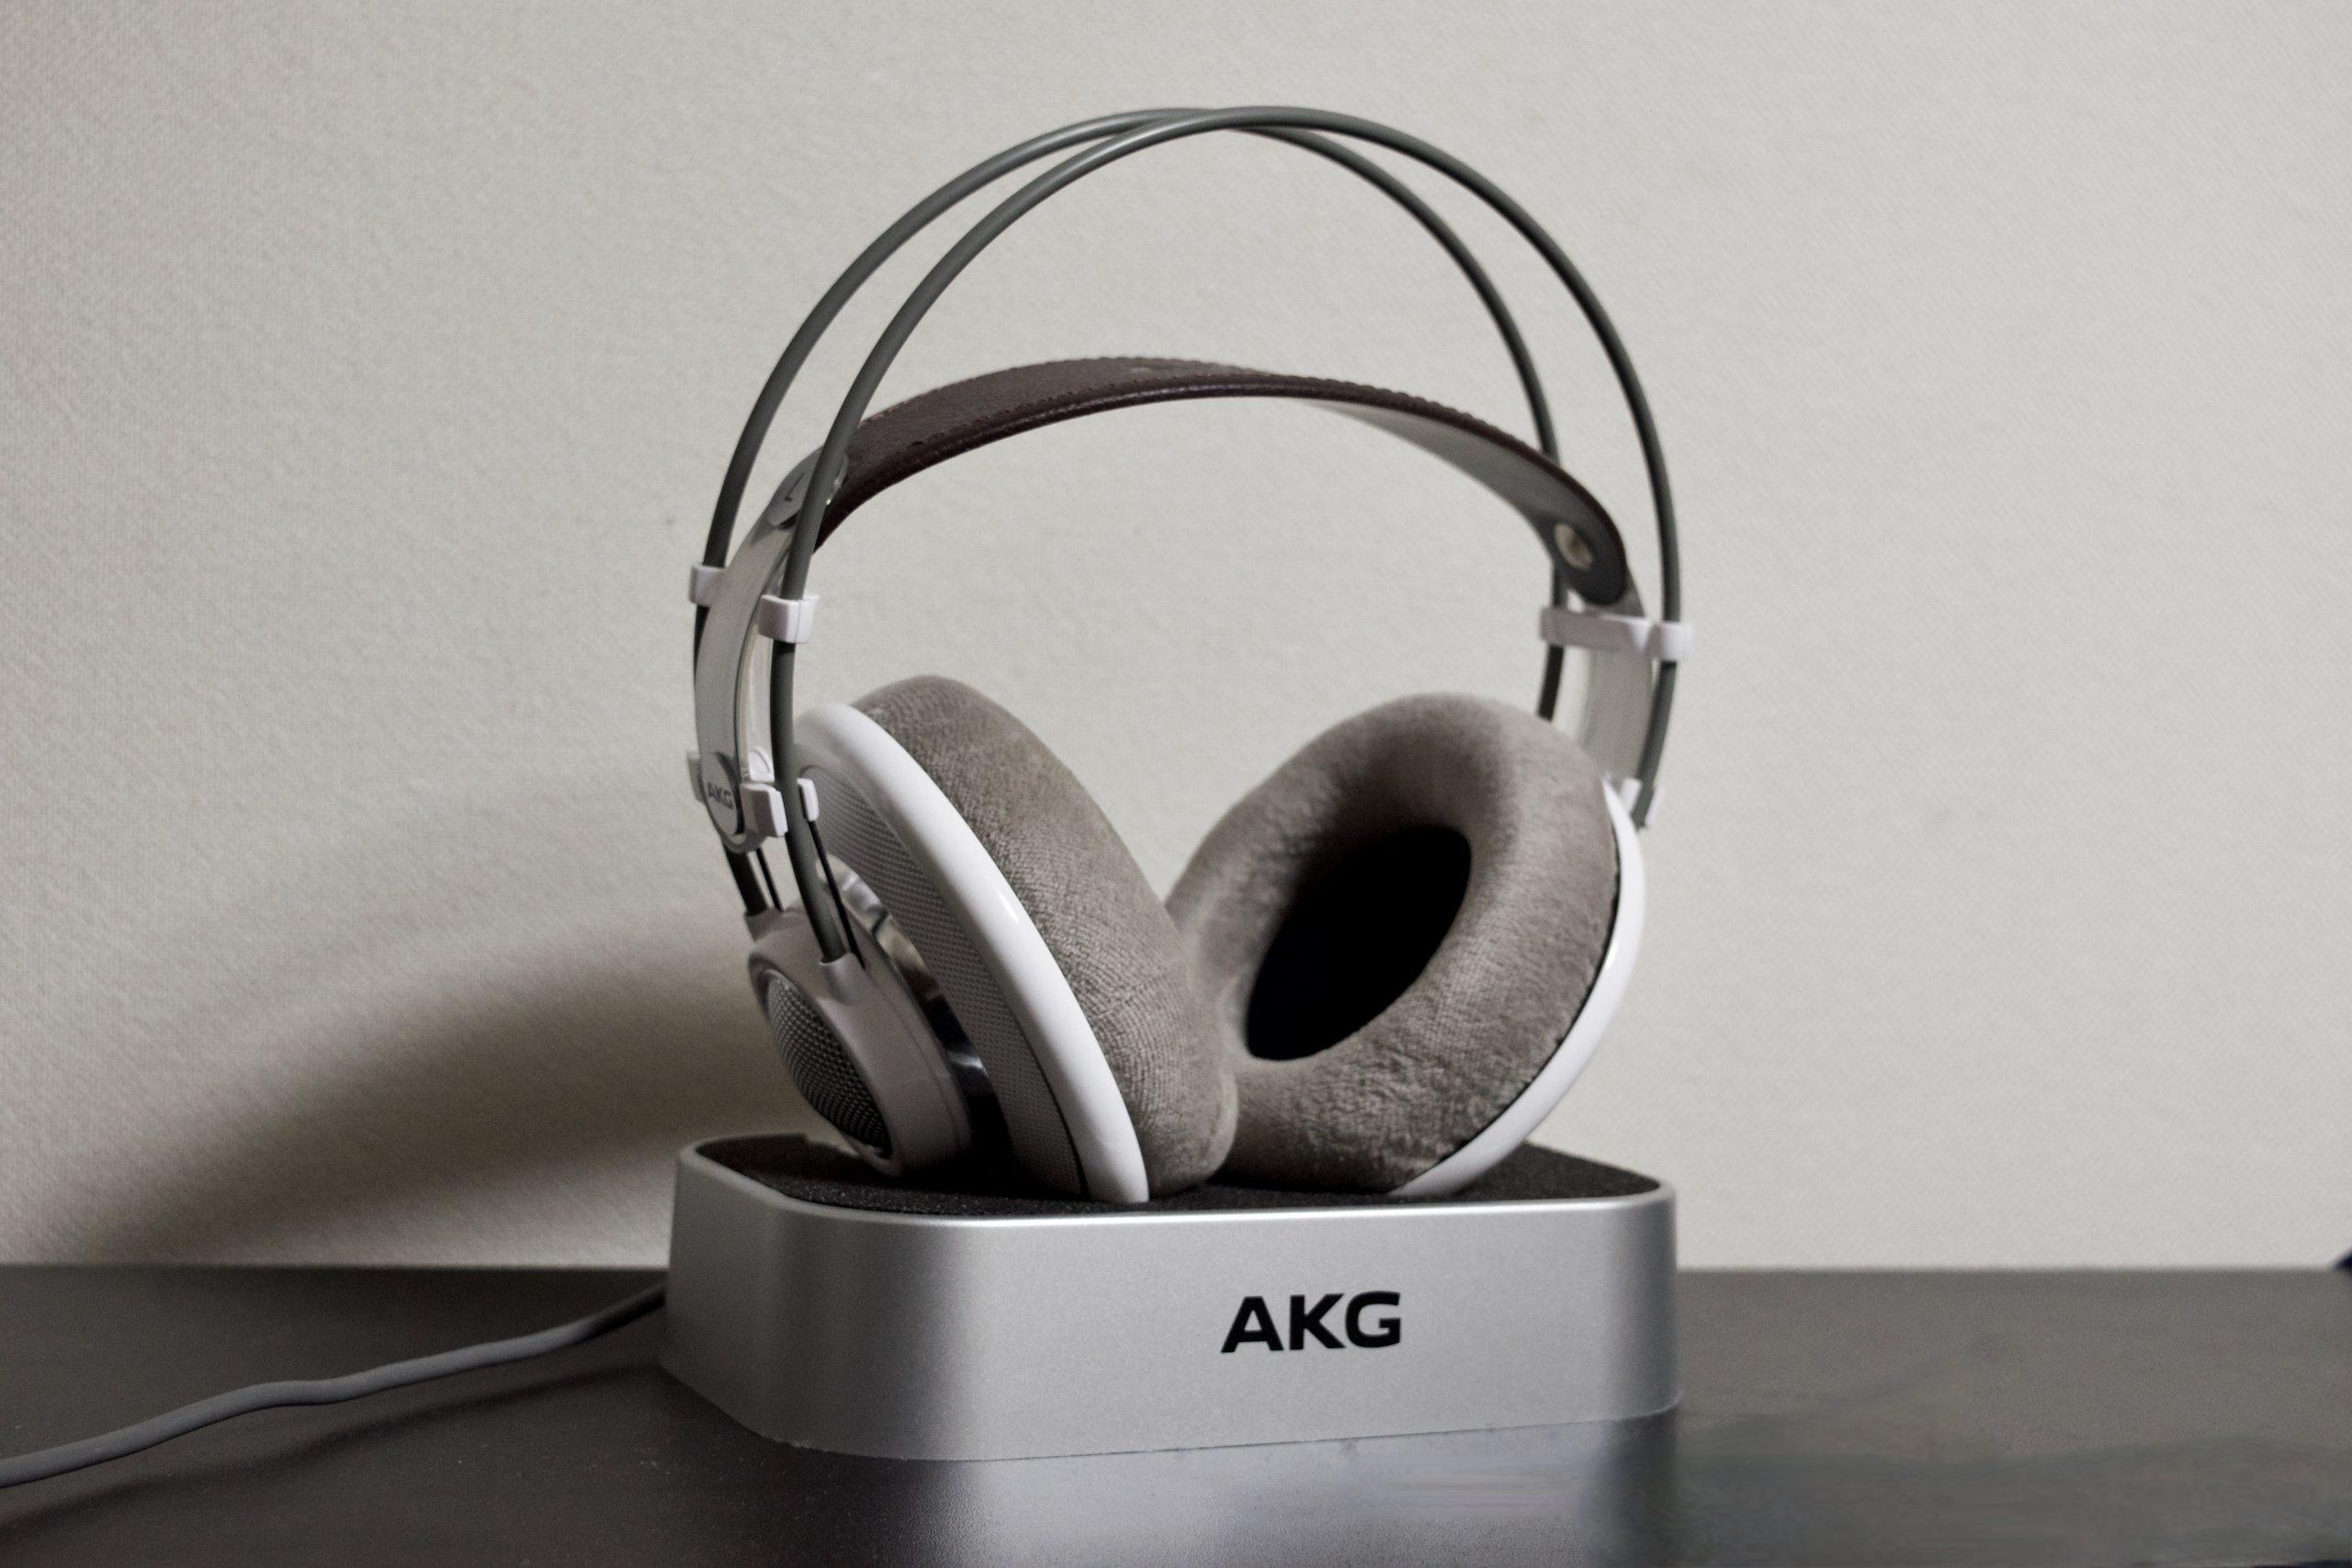 AKG K701 ヘッドホンレビュー